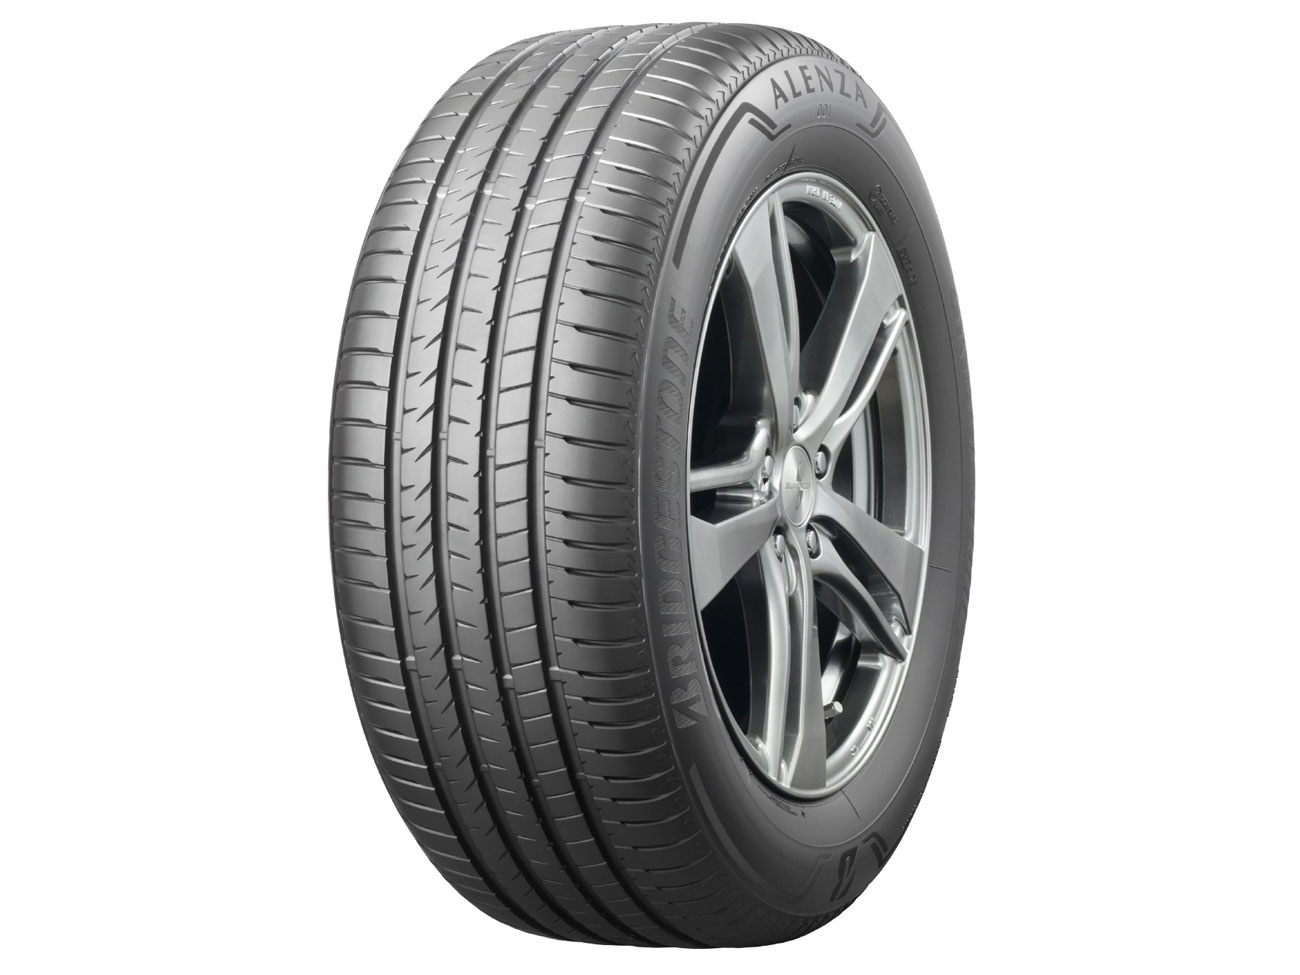 Bridgestone Alenza 001 225/60/R18 Tyre